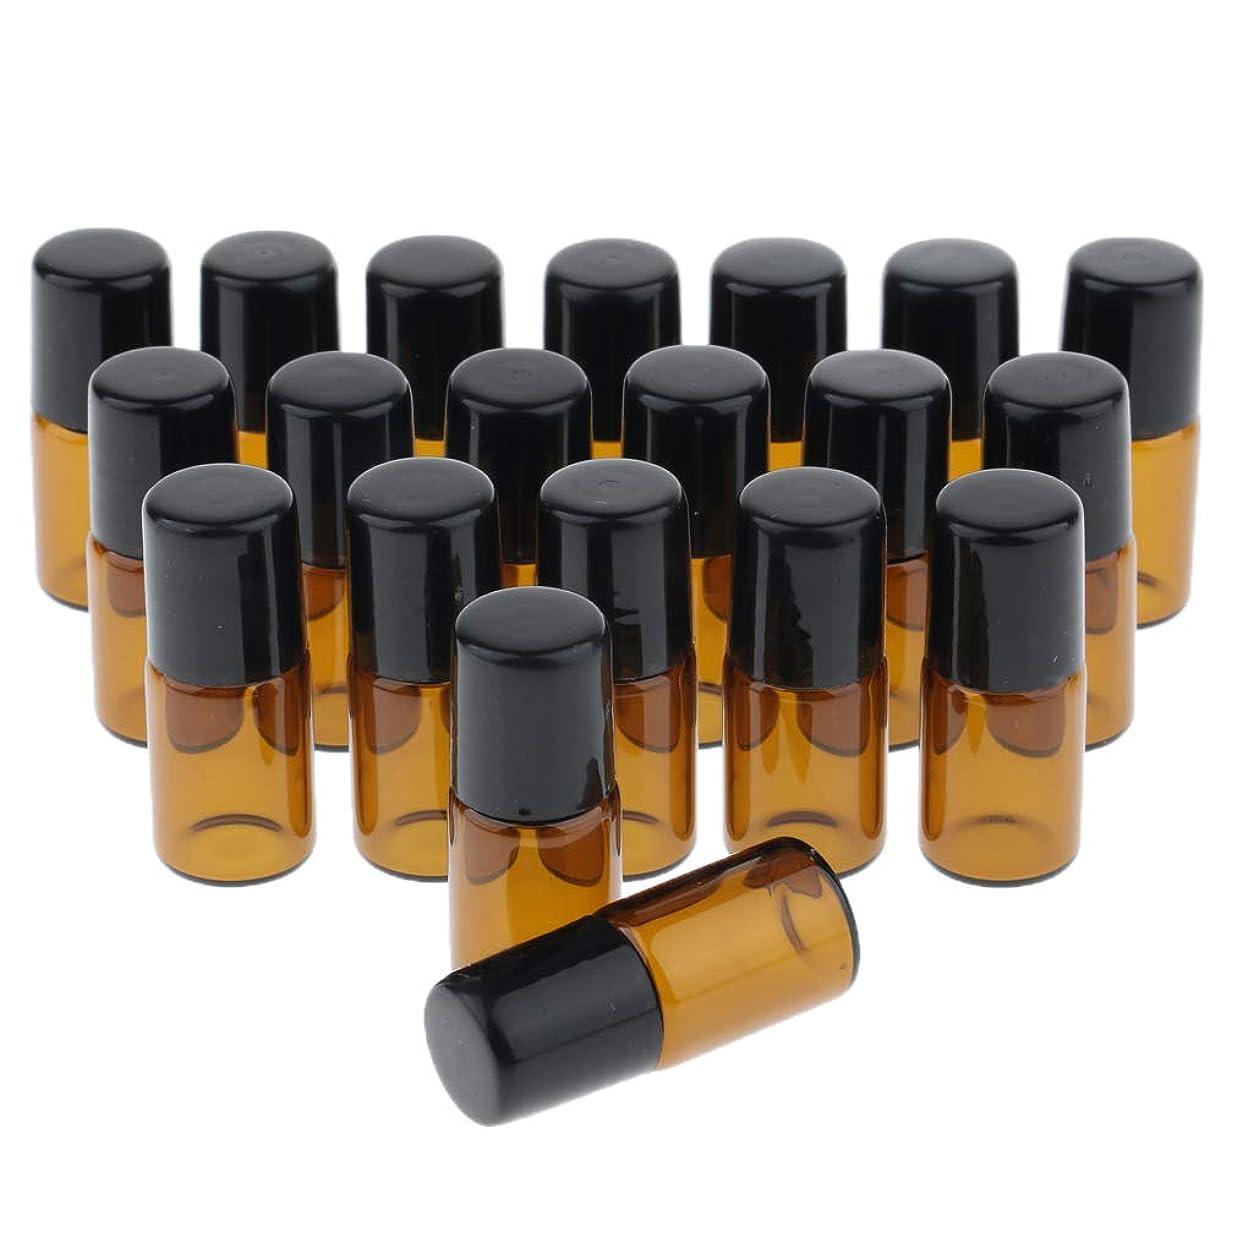 ペレット短くするうるさい約20個 詰め替えボトル エッセンシャルボトル エッセンシャルオイル ローラーボトル 全3サイズ - 1ml